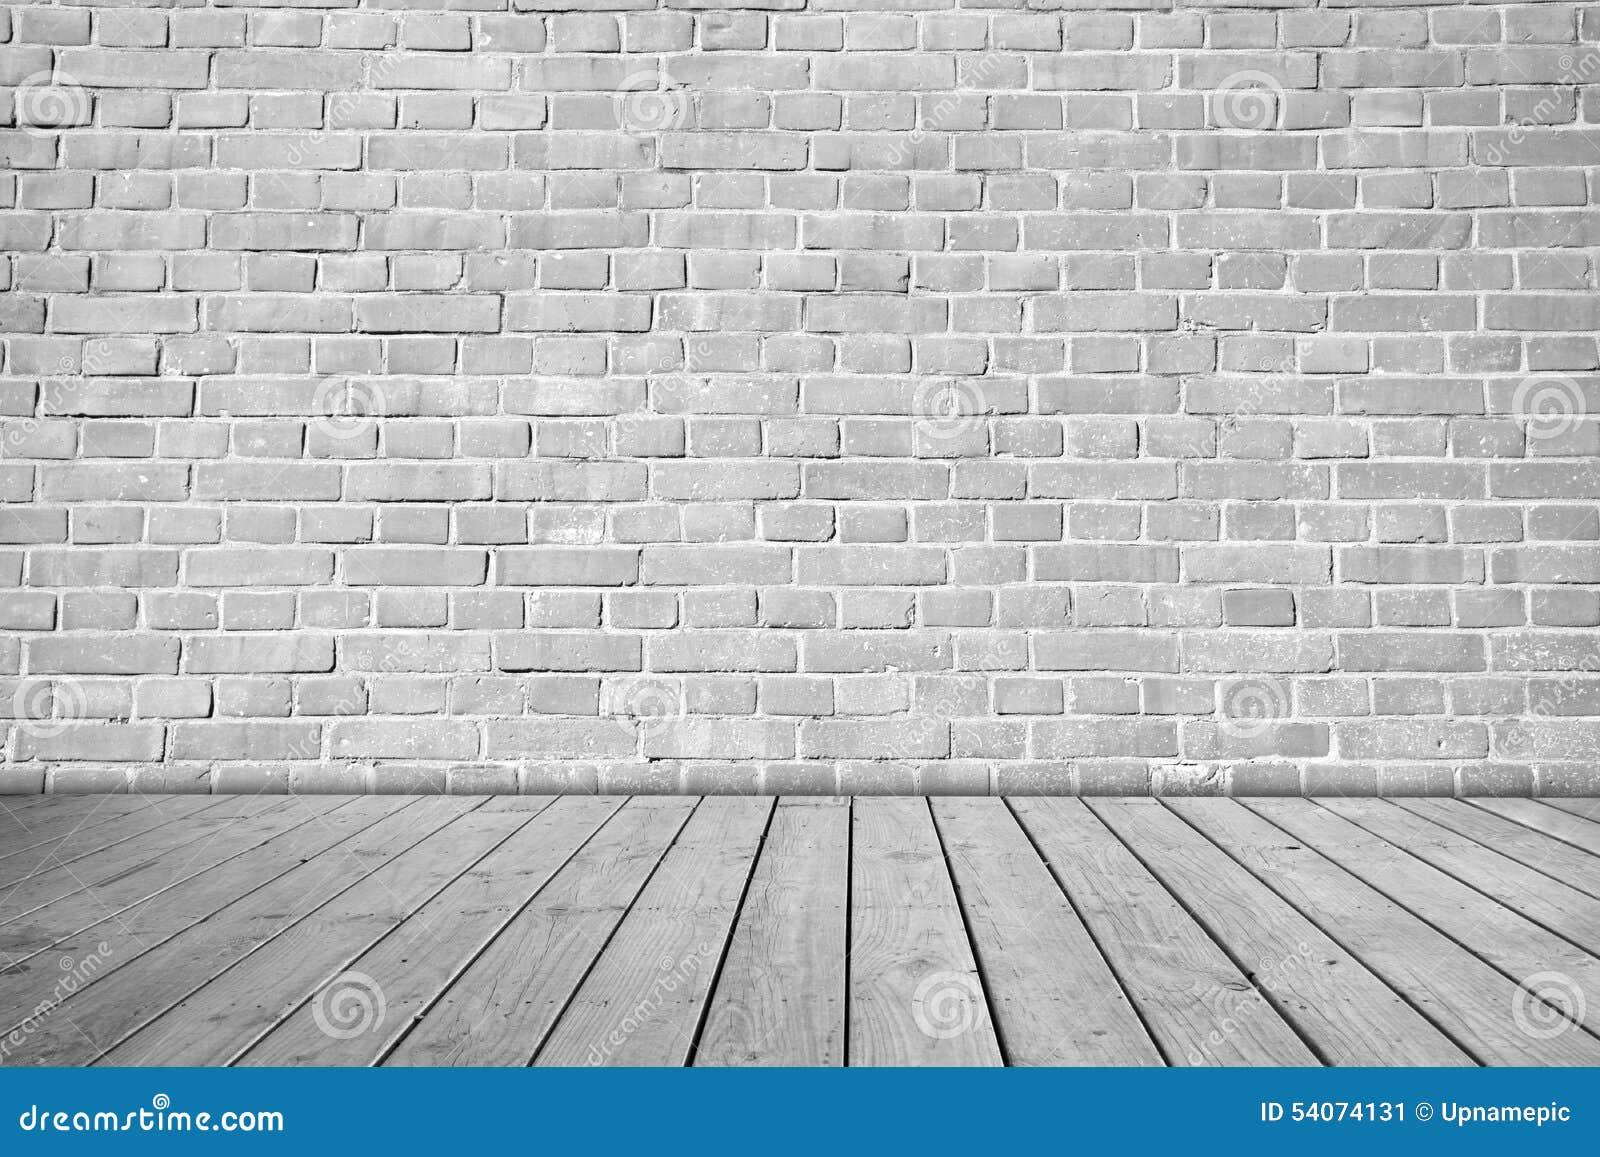 Pared de ladrillo gris en piso de madera foto de archivo - Piso madera gris ...